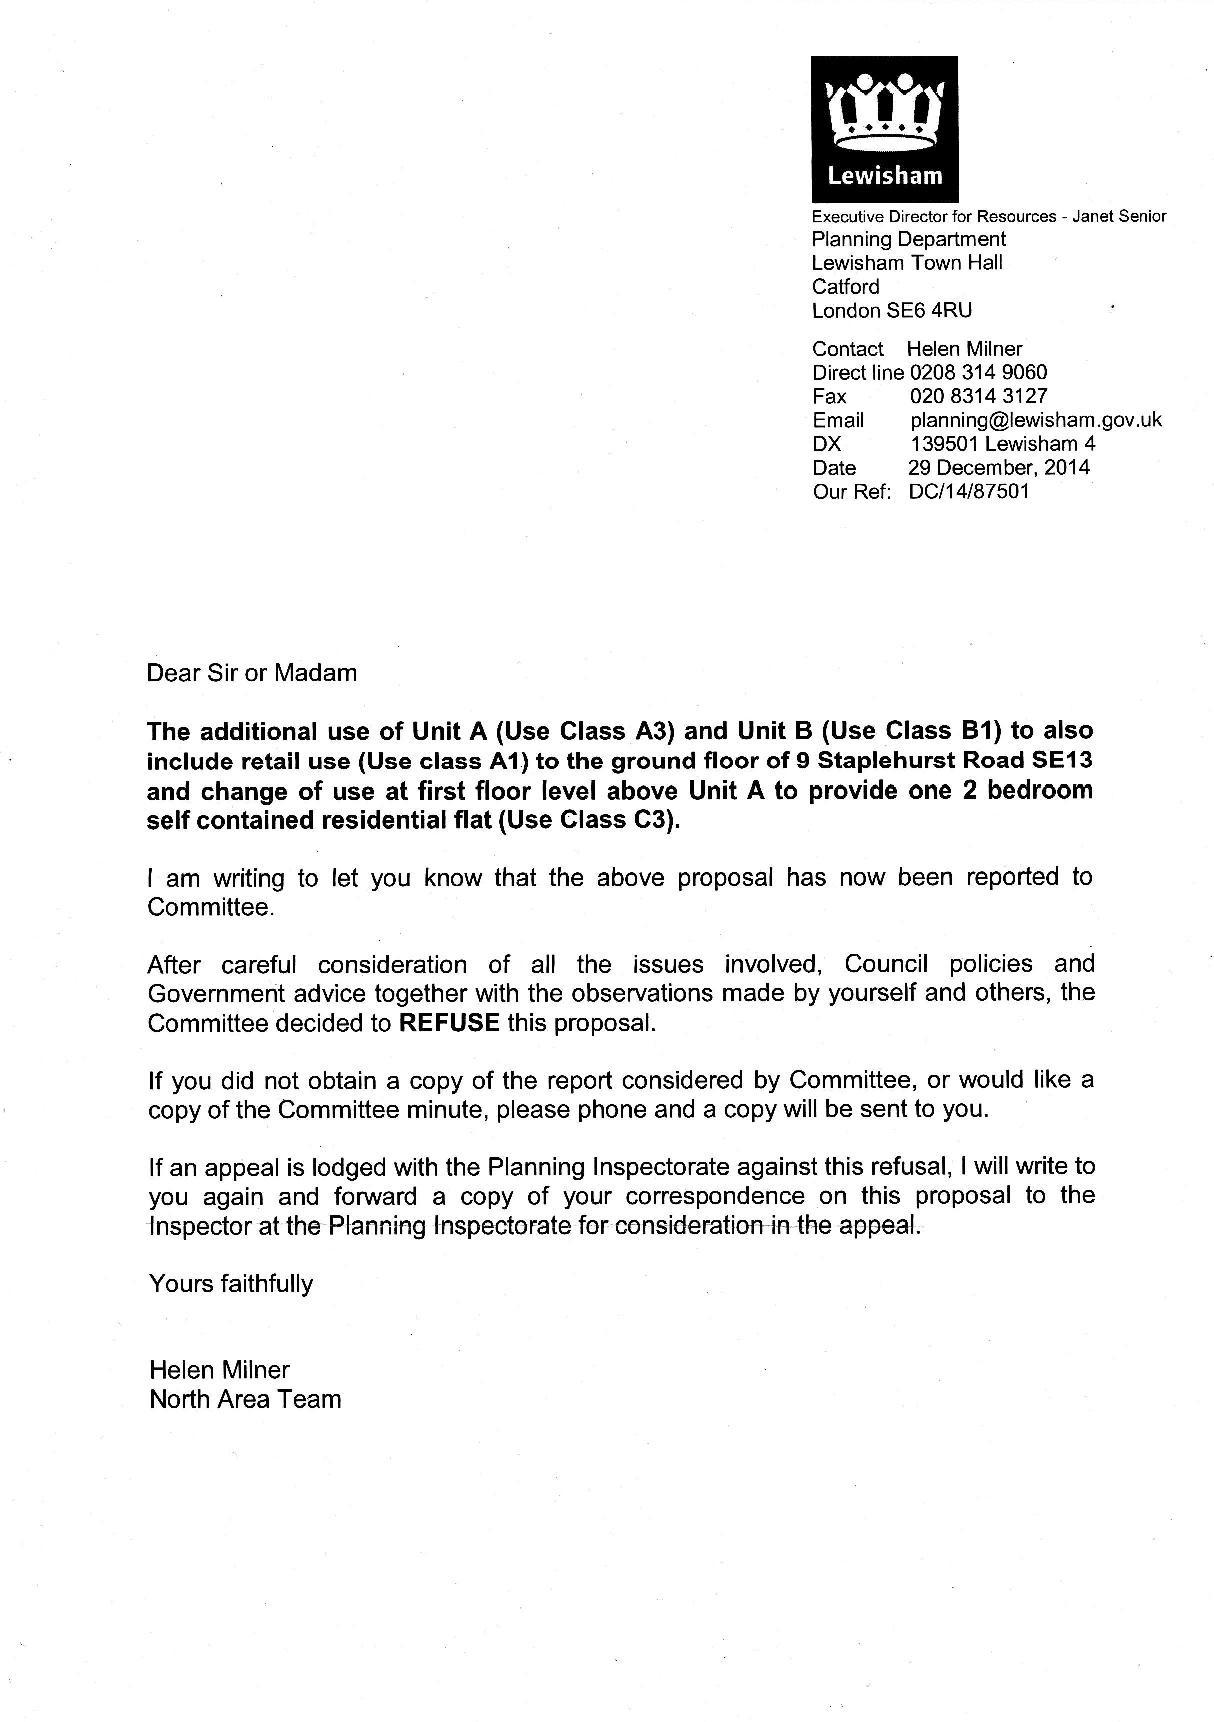 Biscuit Factory Dec 2014 Refusal